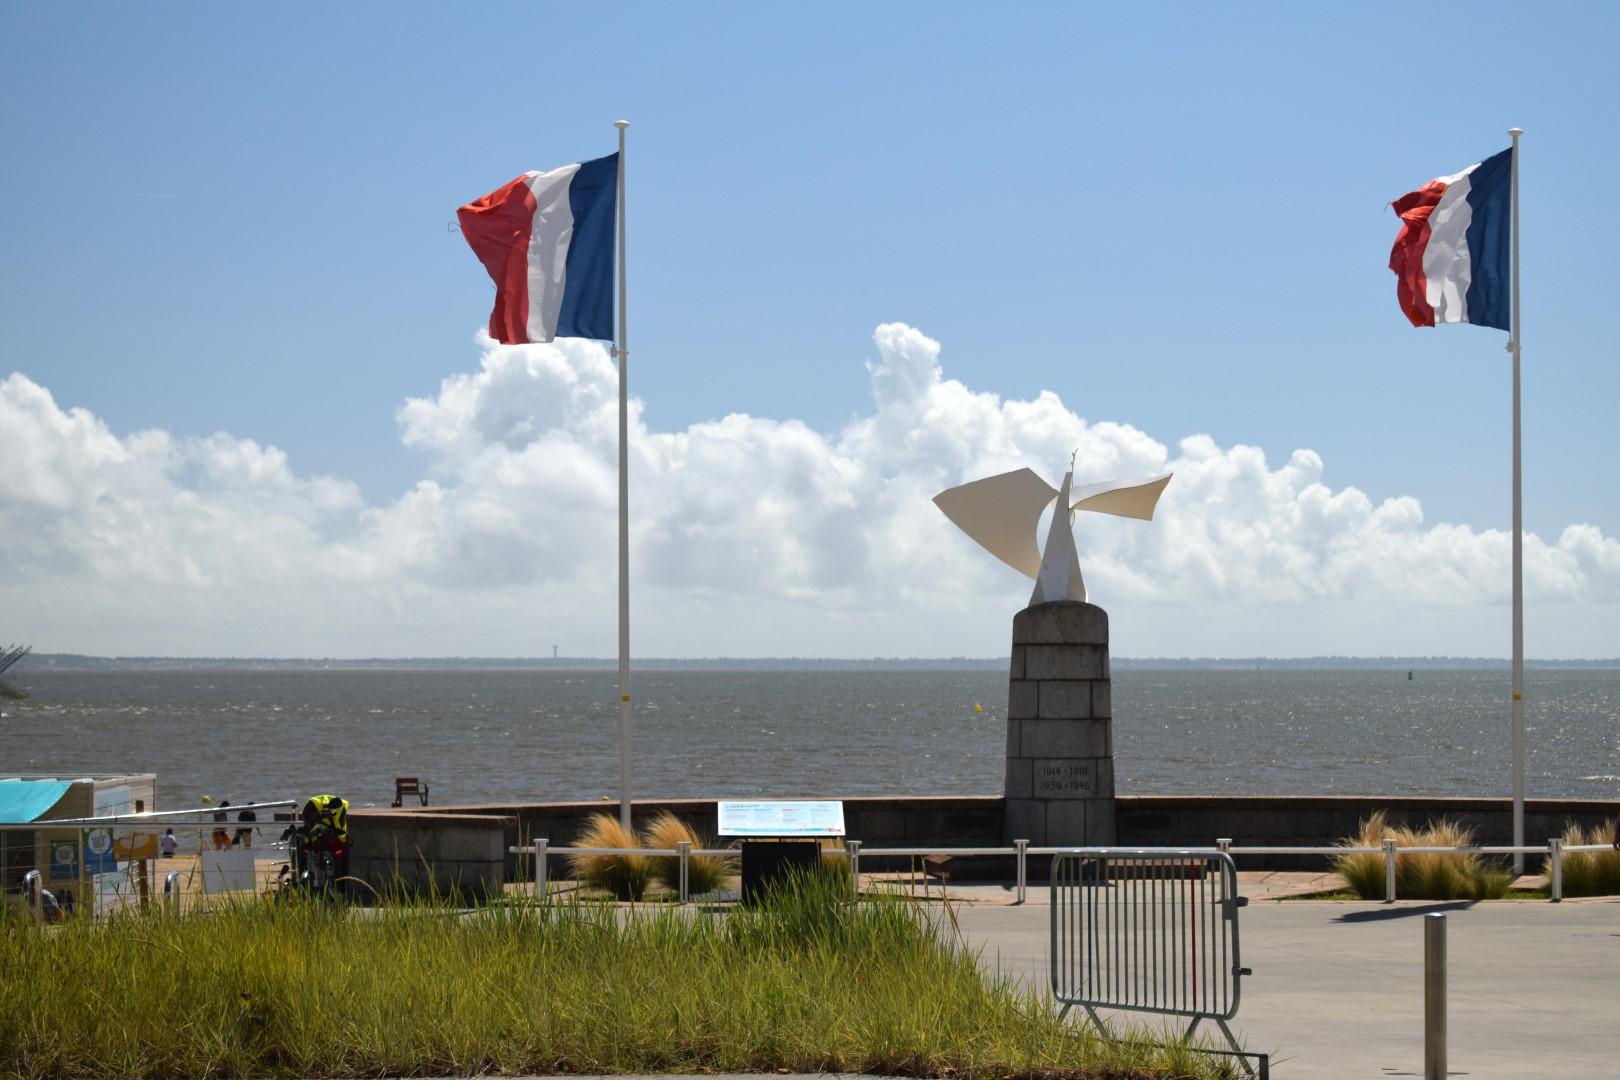 Place du Commando, Saint-Nazaire